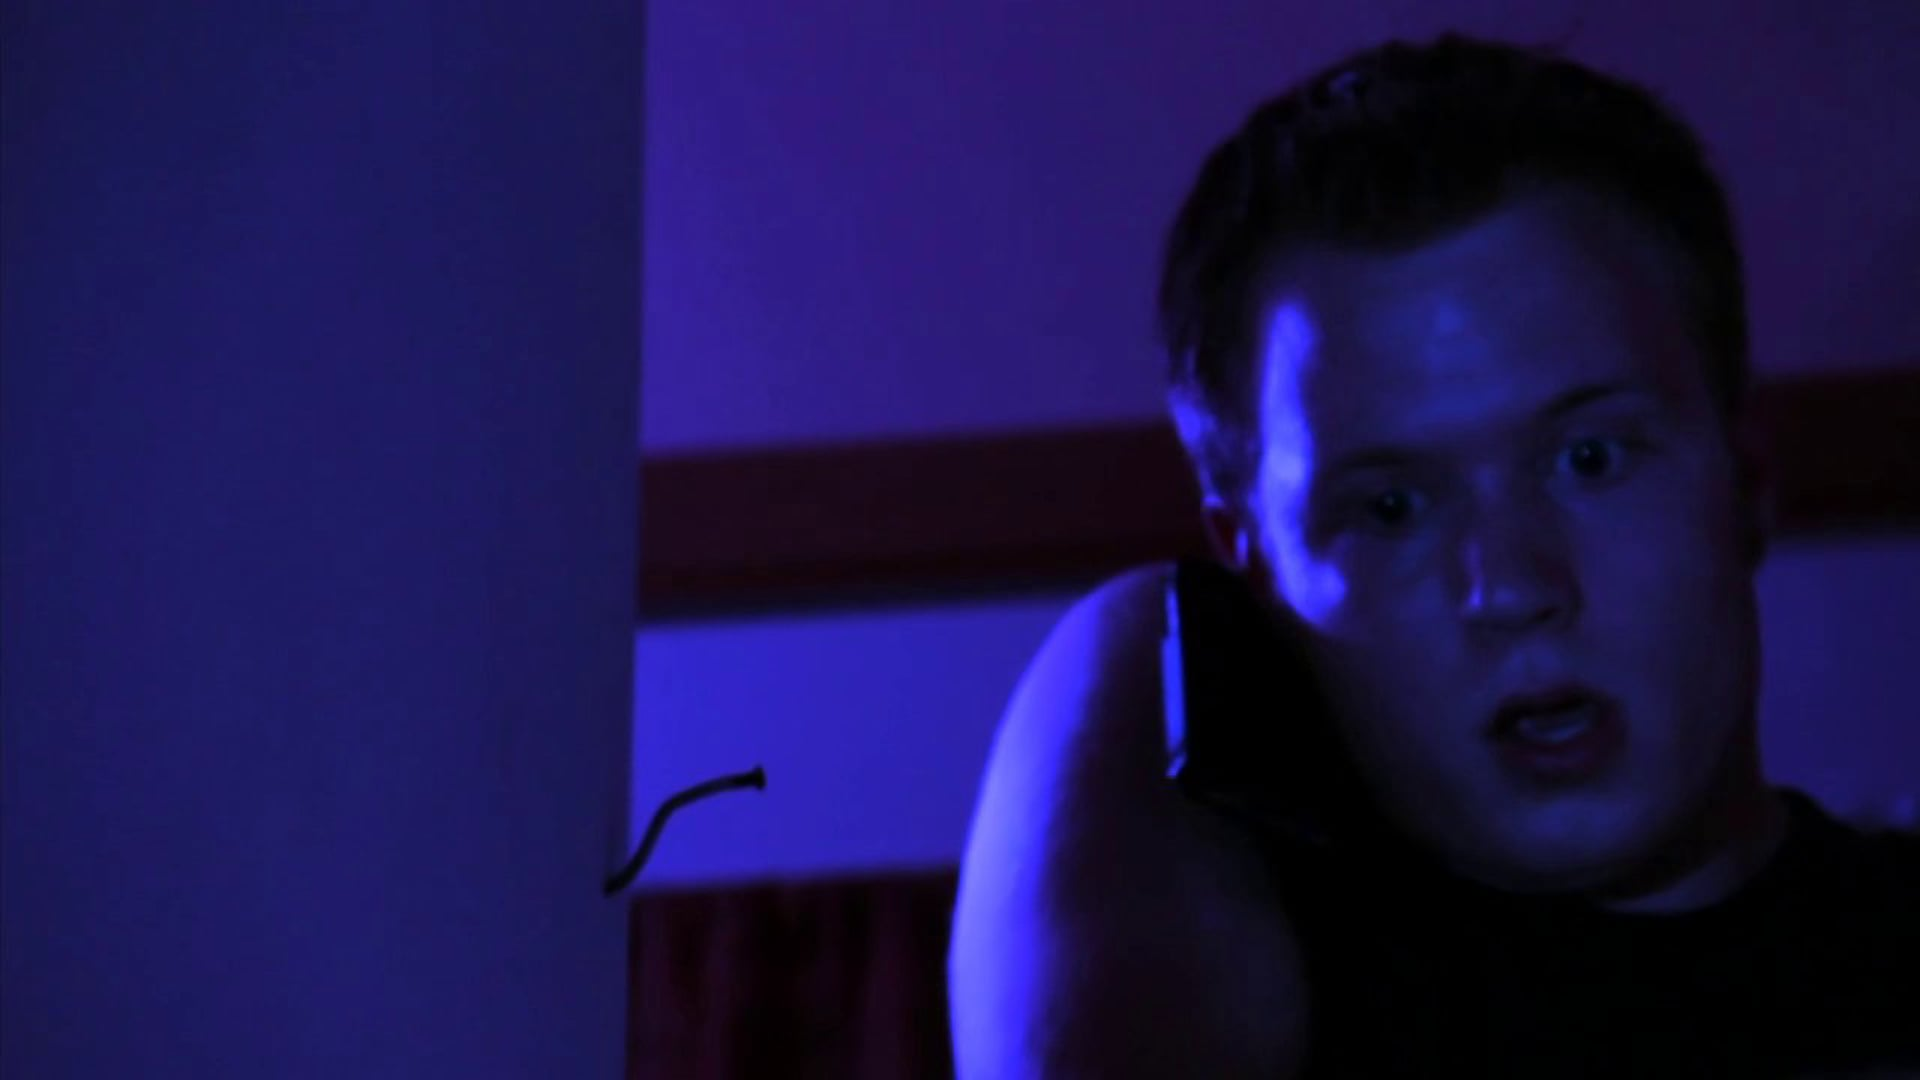 Verbatim - Short Science Fiction Film (HD)